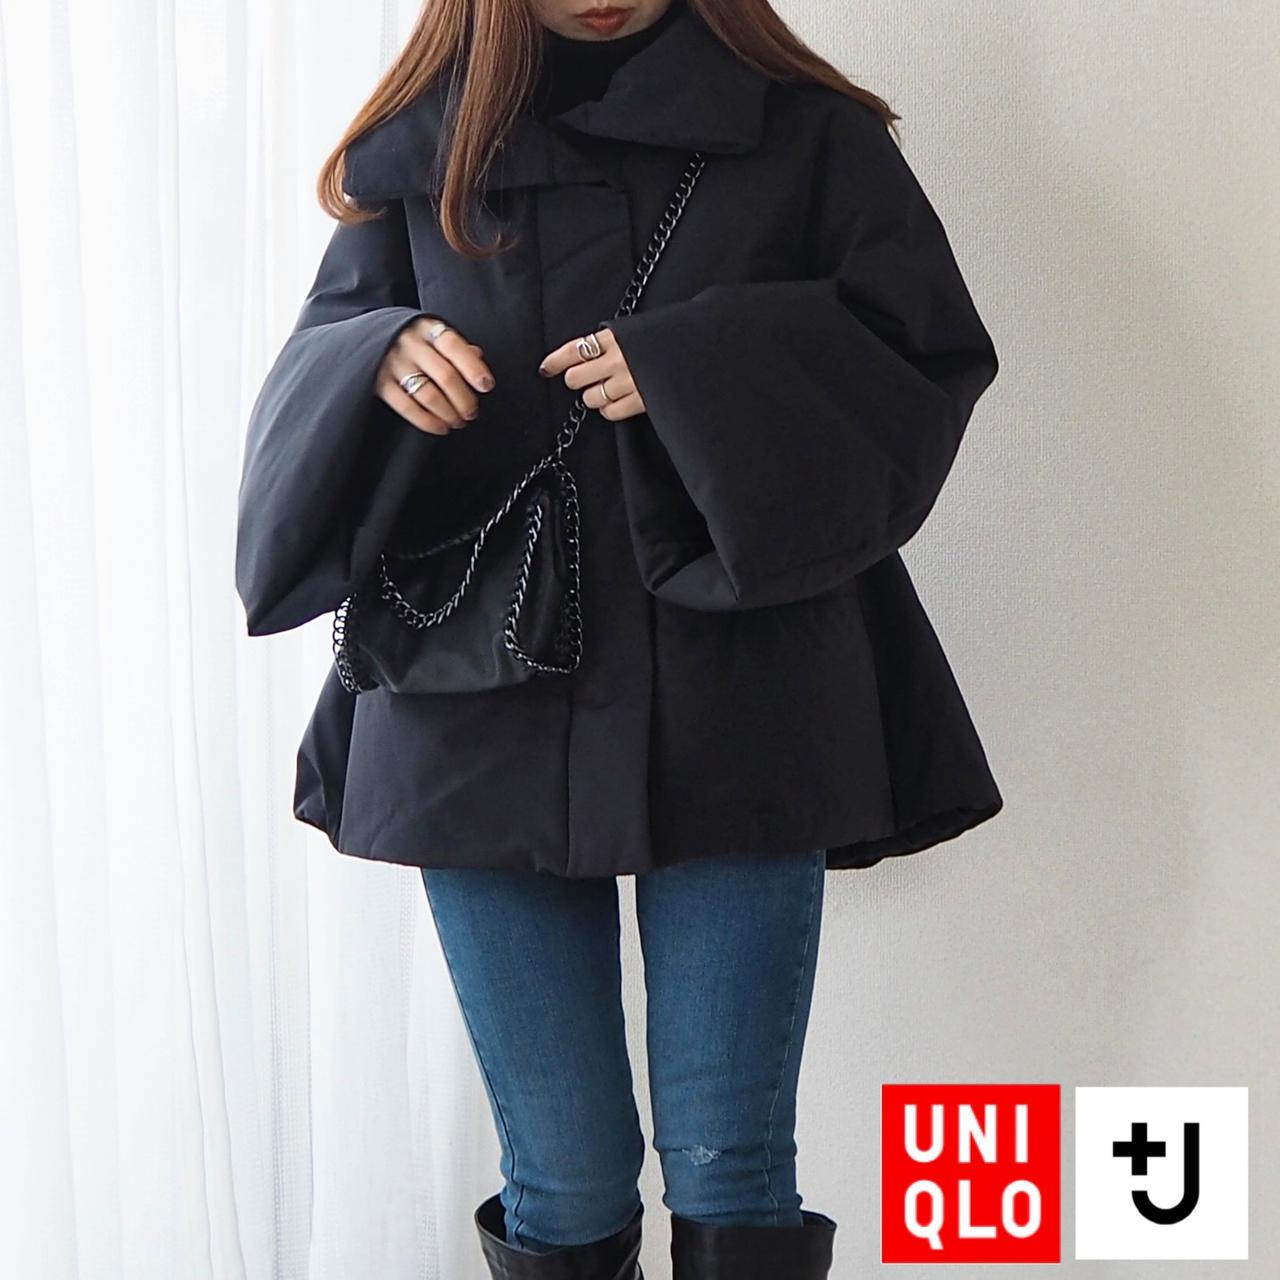 画像8: 【ユニクロ+J】失敗した?滑り込みで購入した超人気ダウンジャケットのサイズ感。